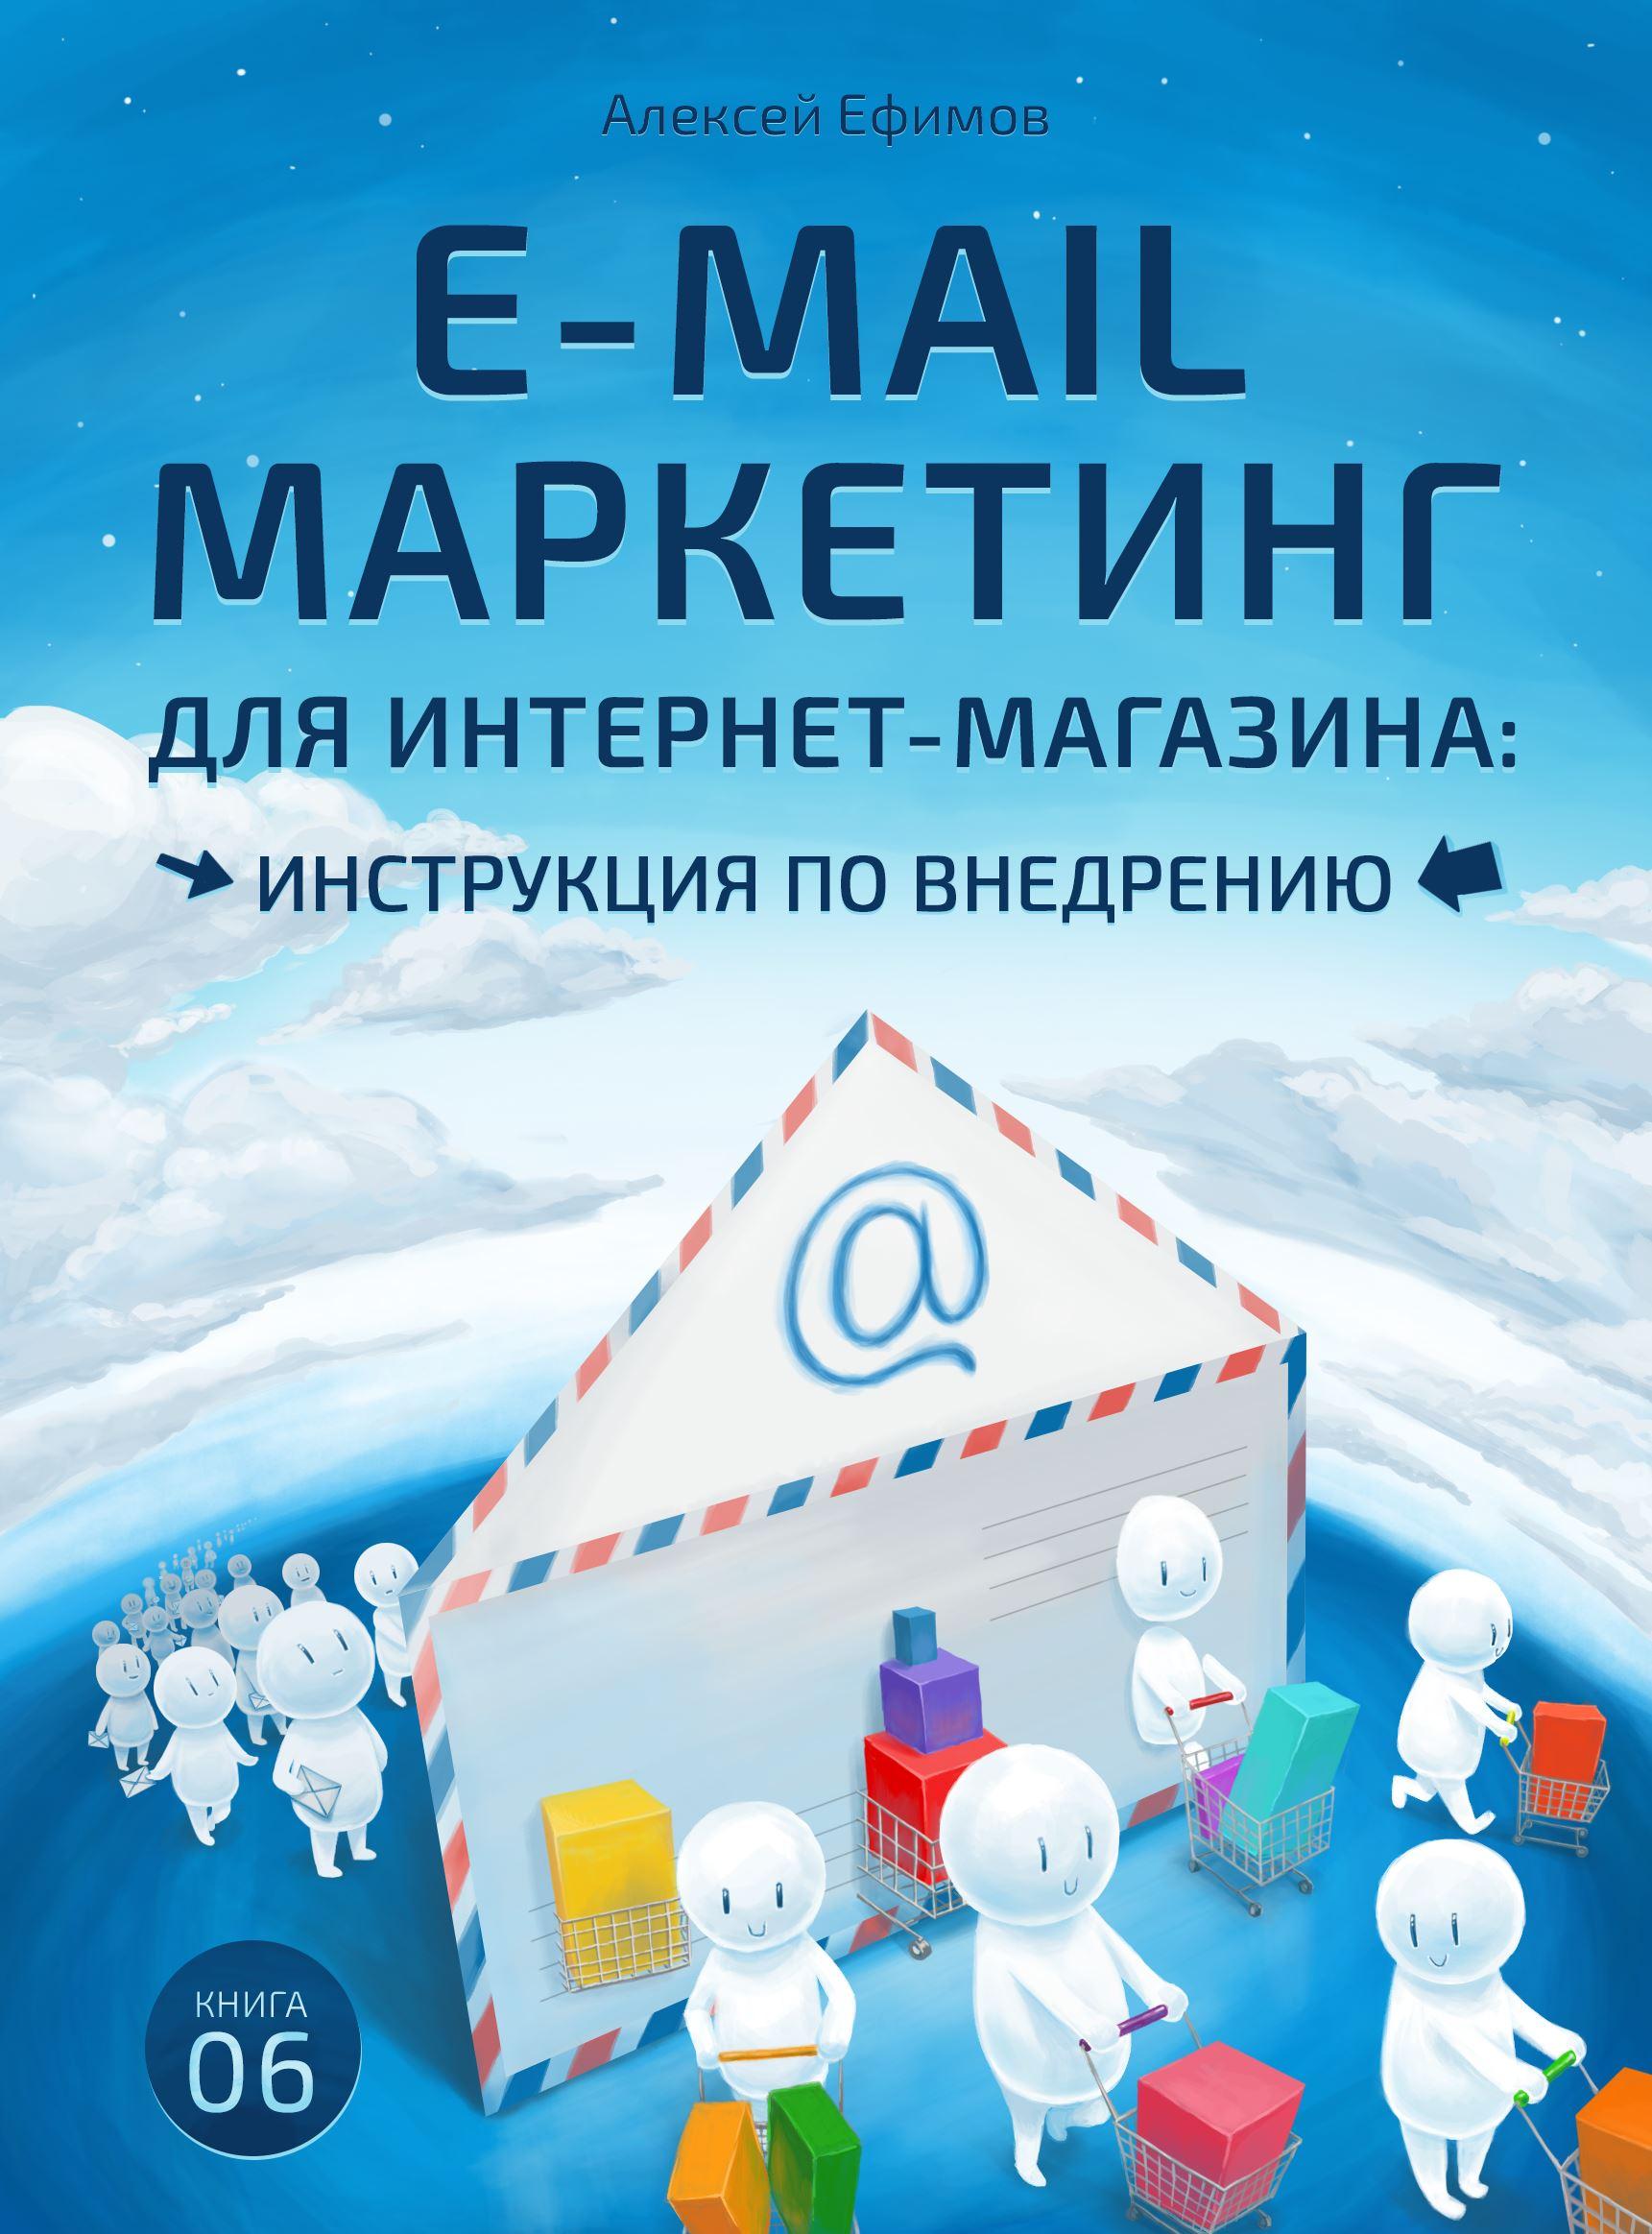 Алексей Ефимов E-mail маркетинг для интернет‑магазина. Инструкция по внедрению e mail e mail